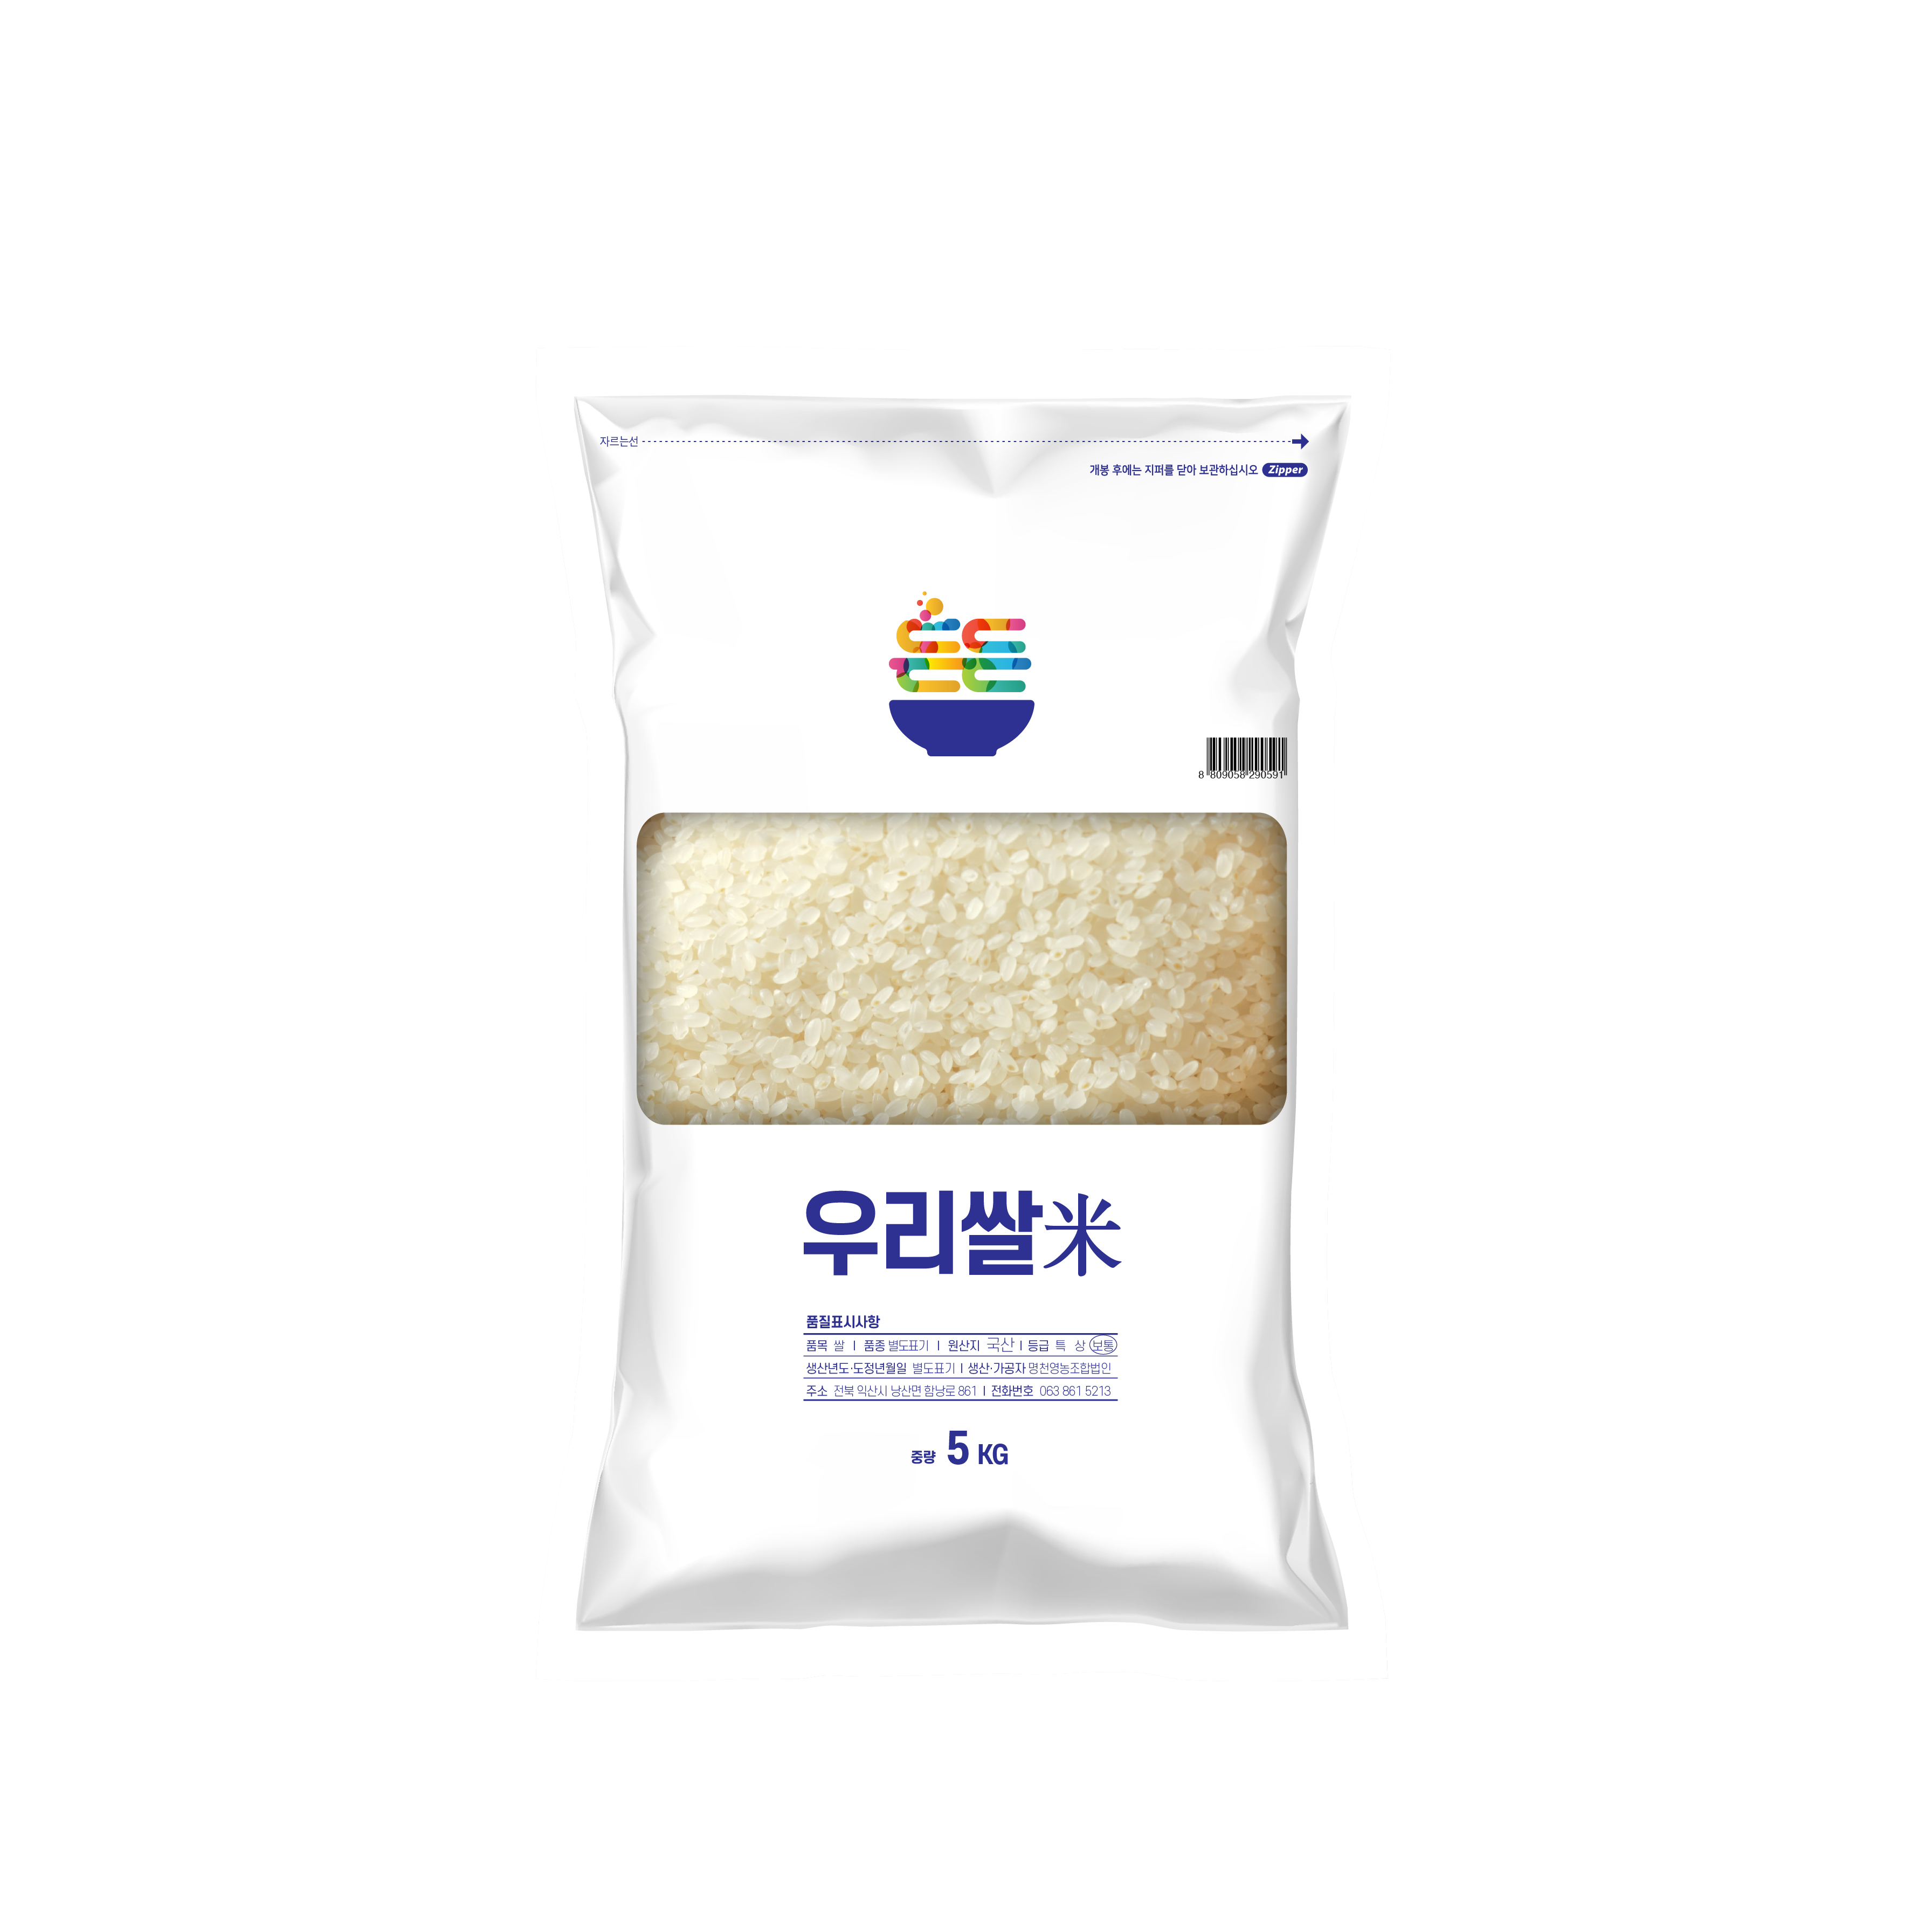 든든 2020년 우리 쌀 백미, 5kg, 1개